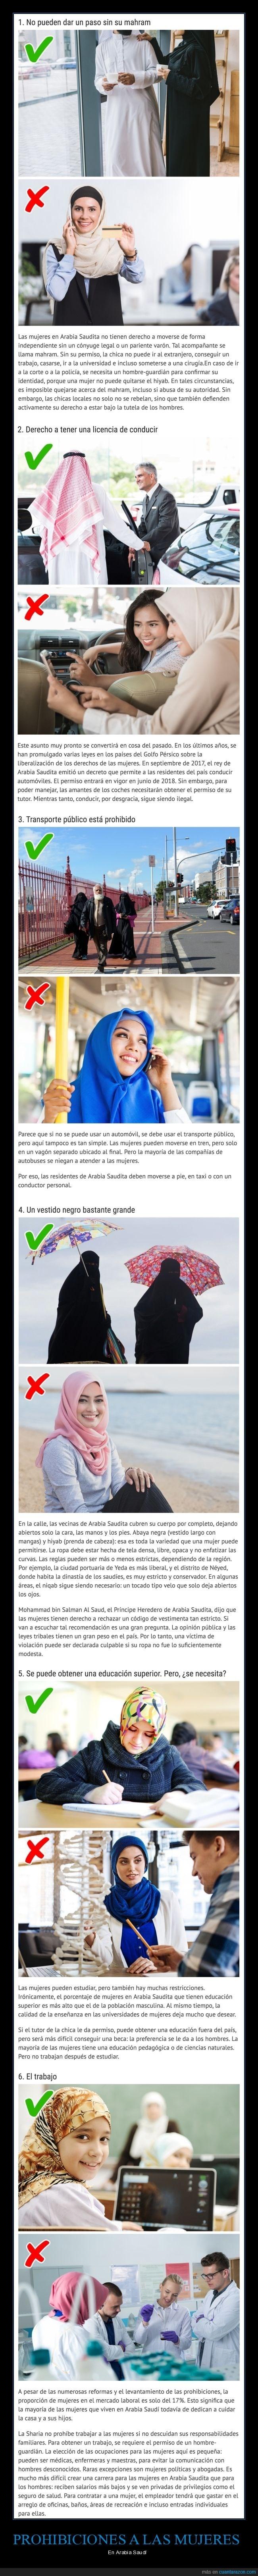 curiosidades sobre las mujeres en arabia saudita